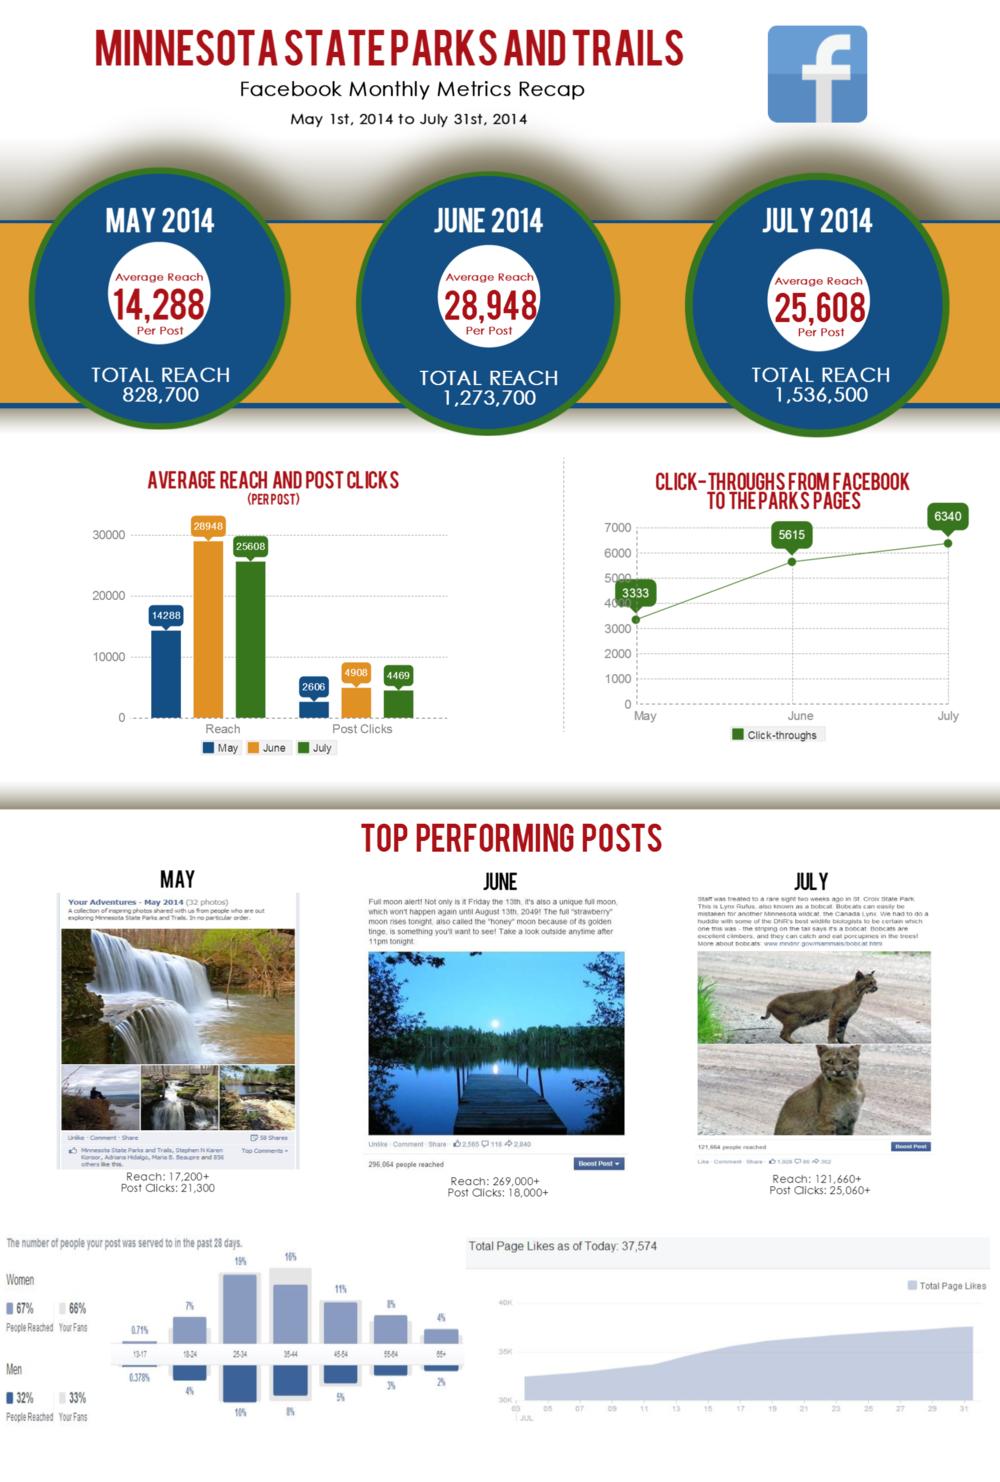 PAT-Facebook-Summary-May-July-2014.png